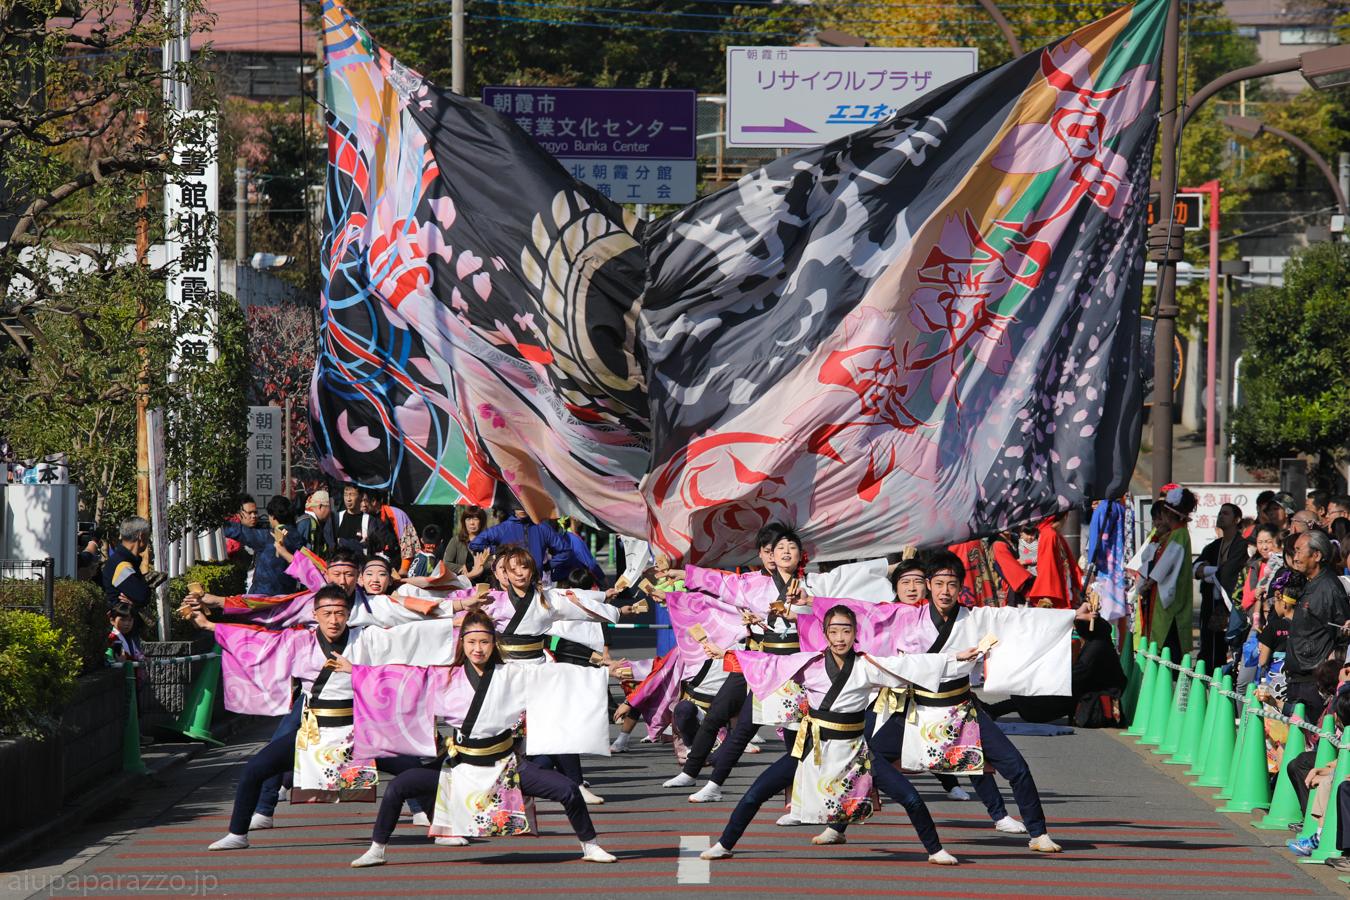 kabuki2016ran_oyachai-13.jpg